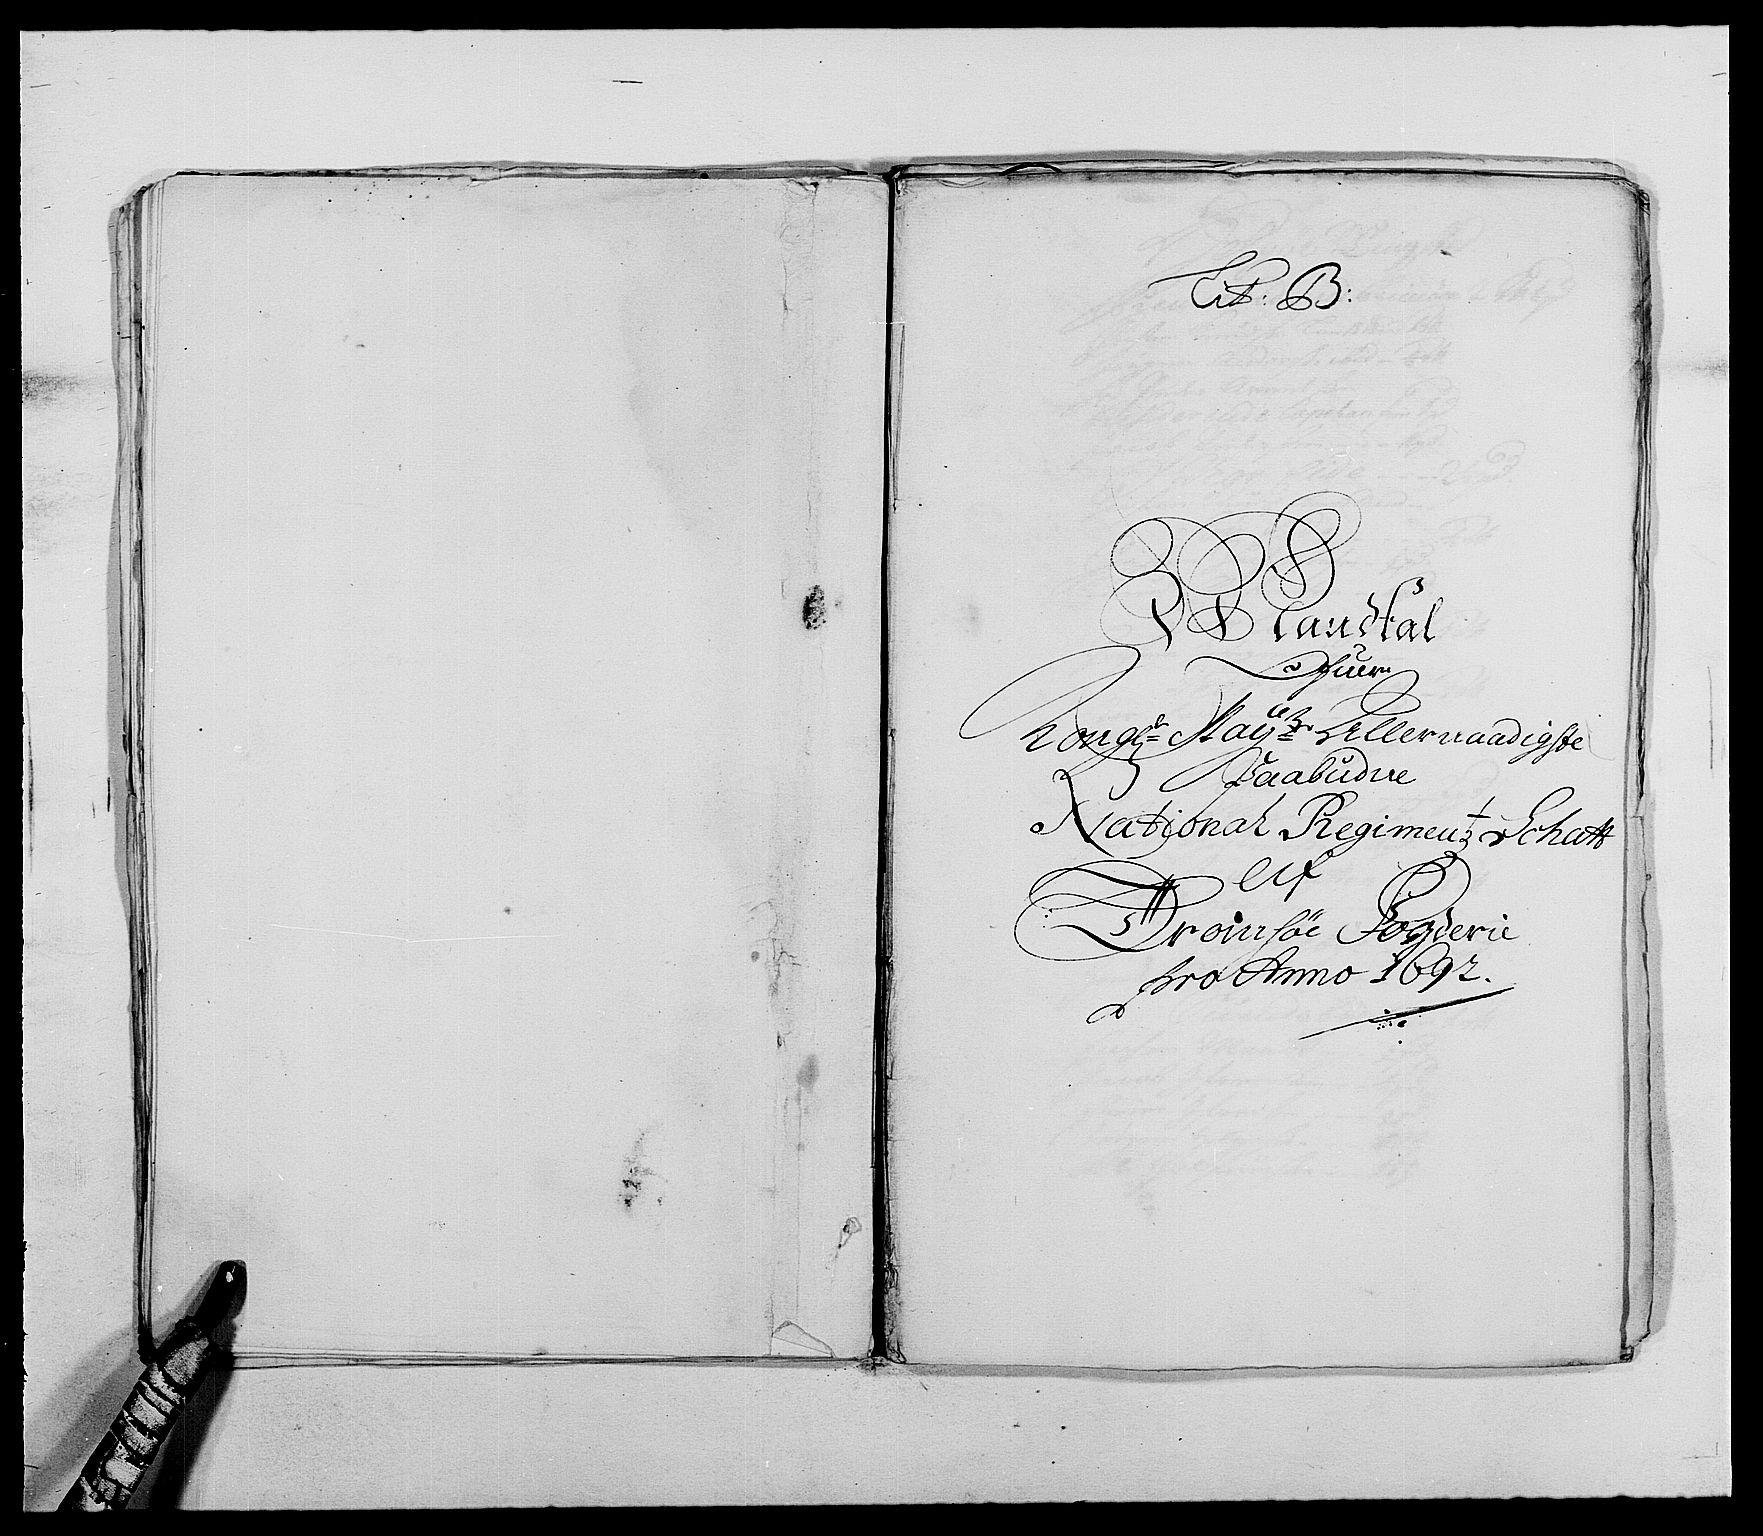 RA, Rentekammeret inntil 1814, Reviderte regnskaper, Fogderegnskap, R68/L4751: Fogderegnskap Senja og Troms, 1690-1693, s. 156